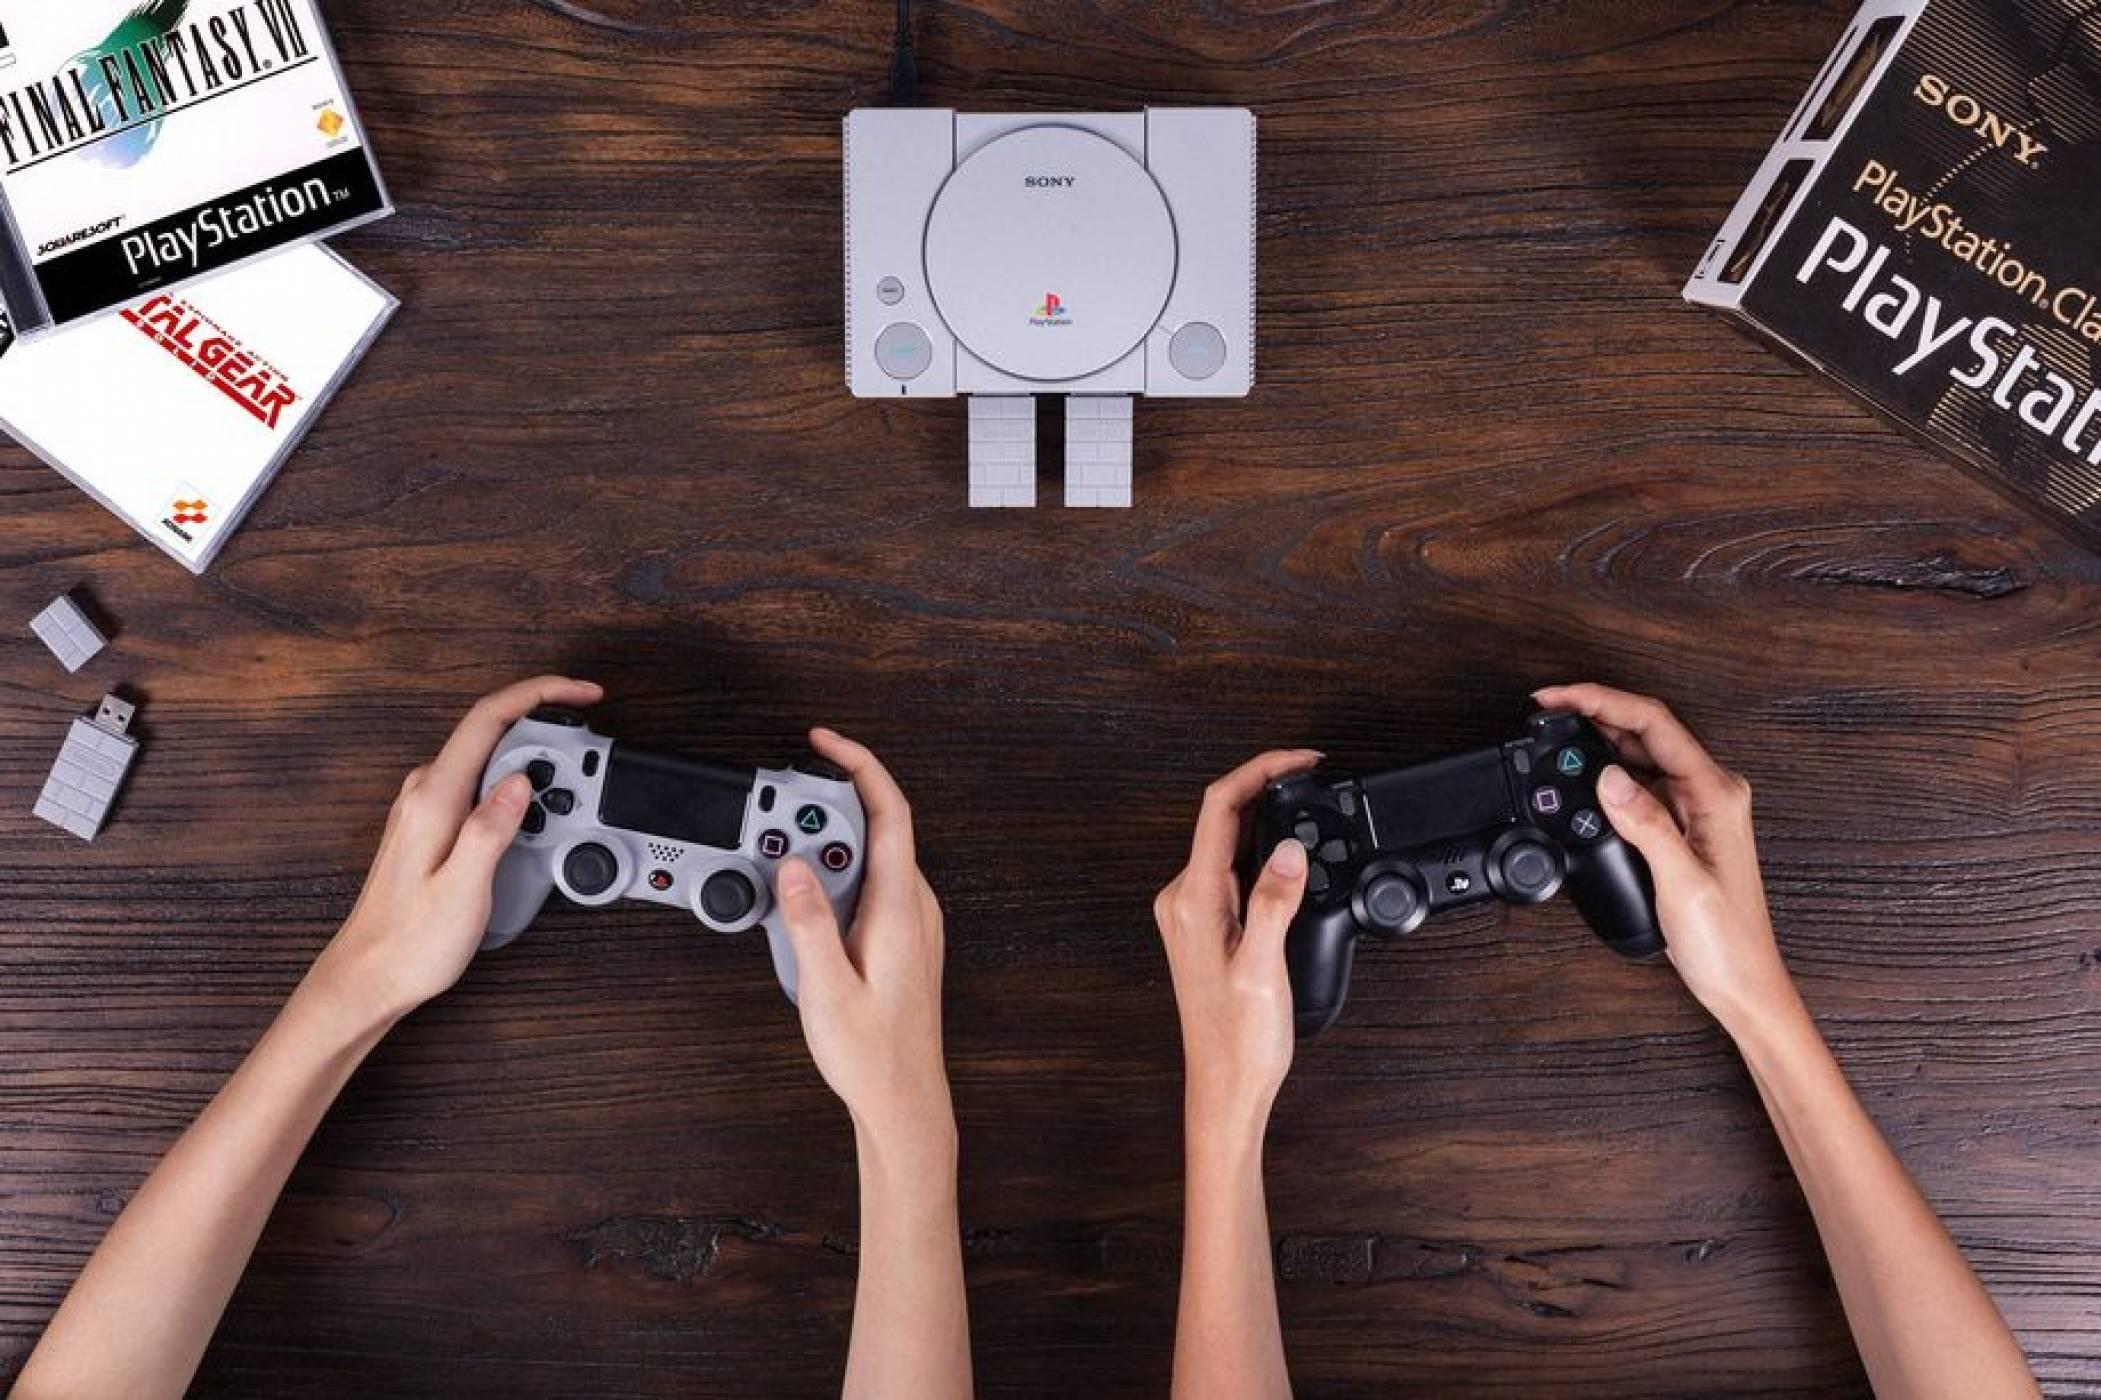 Скоро ще може да ползвате вашия PS4 контролер с PlayStation Classic